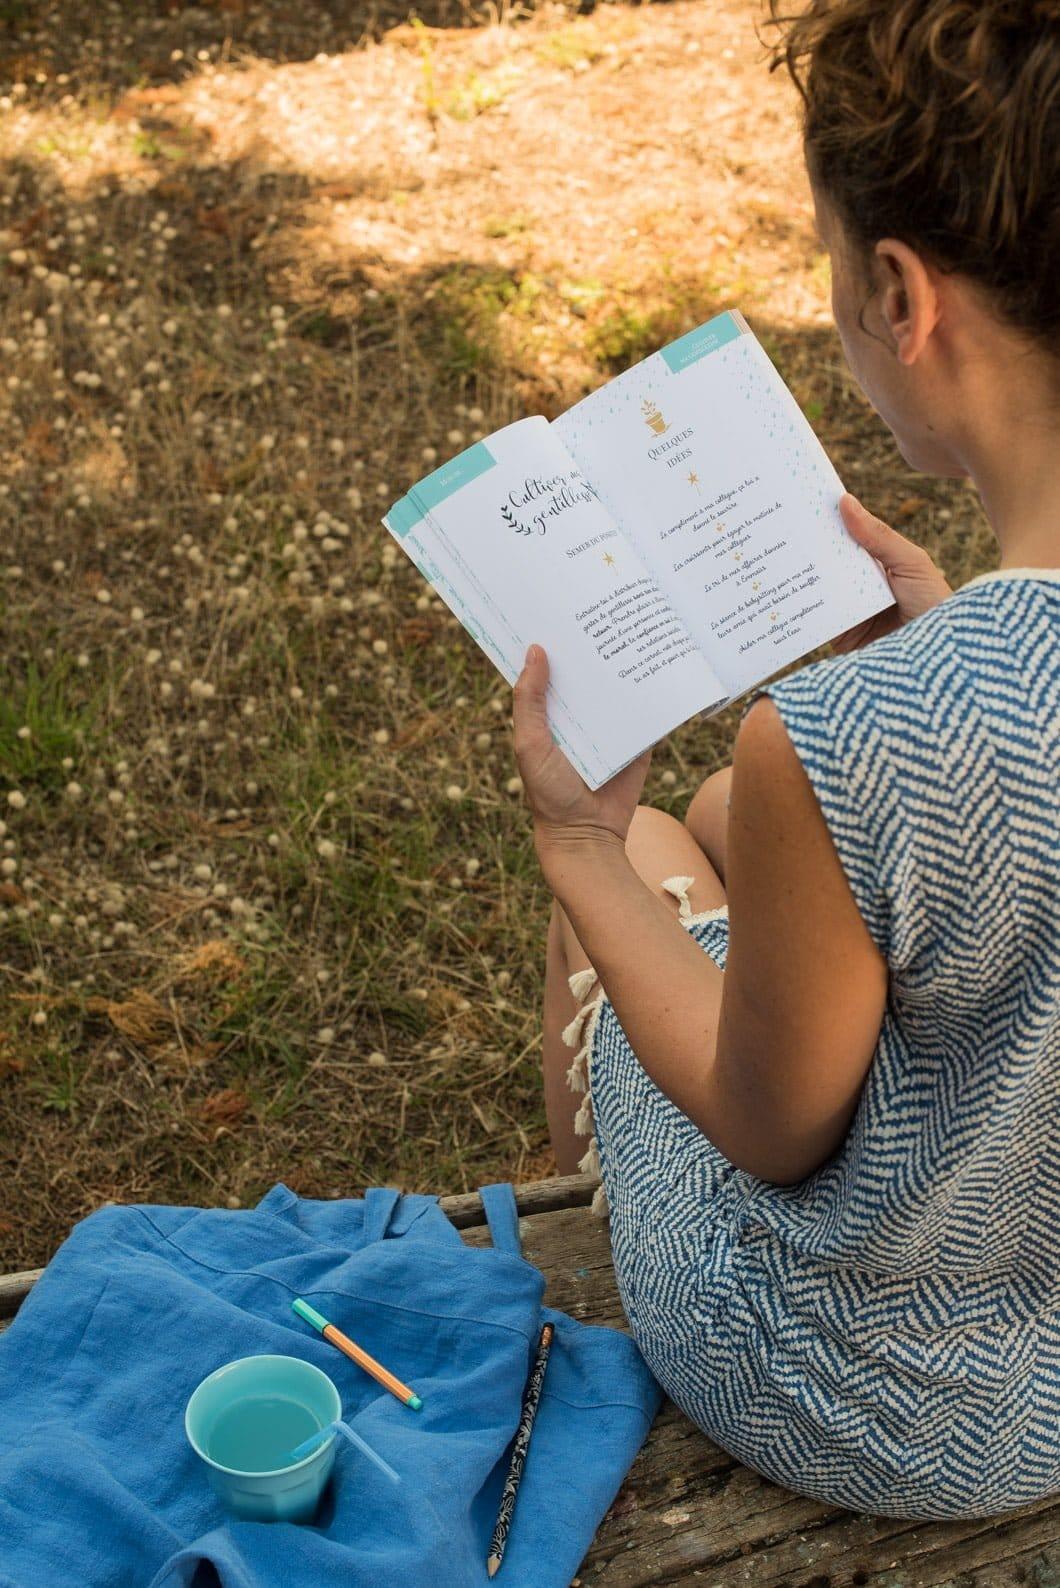 Le Carnet qui me veut du bien : carnet de développement personnel - 22 v'la Scarlett